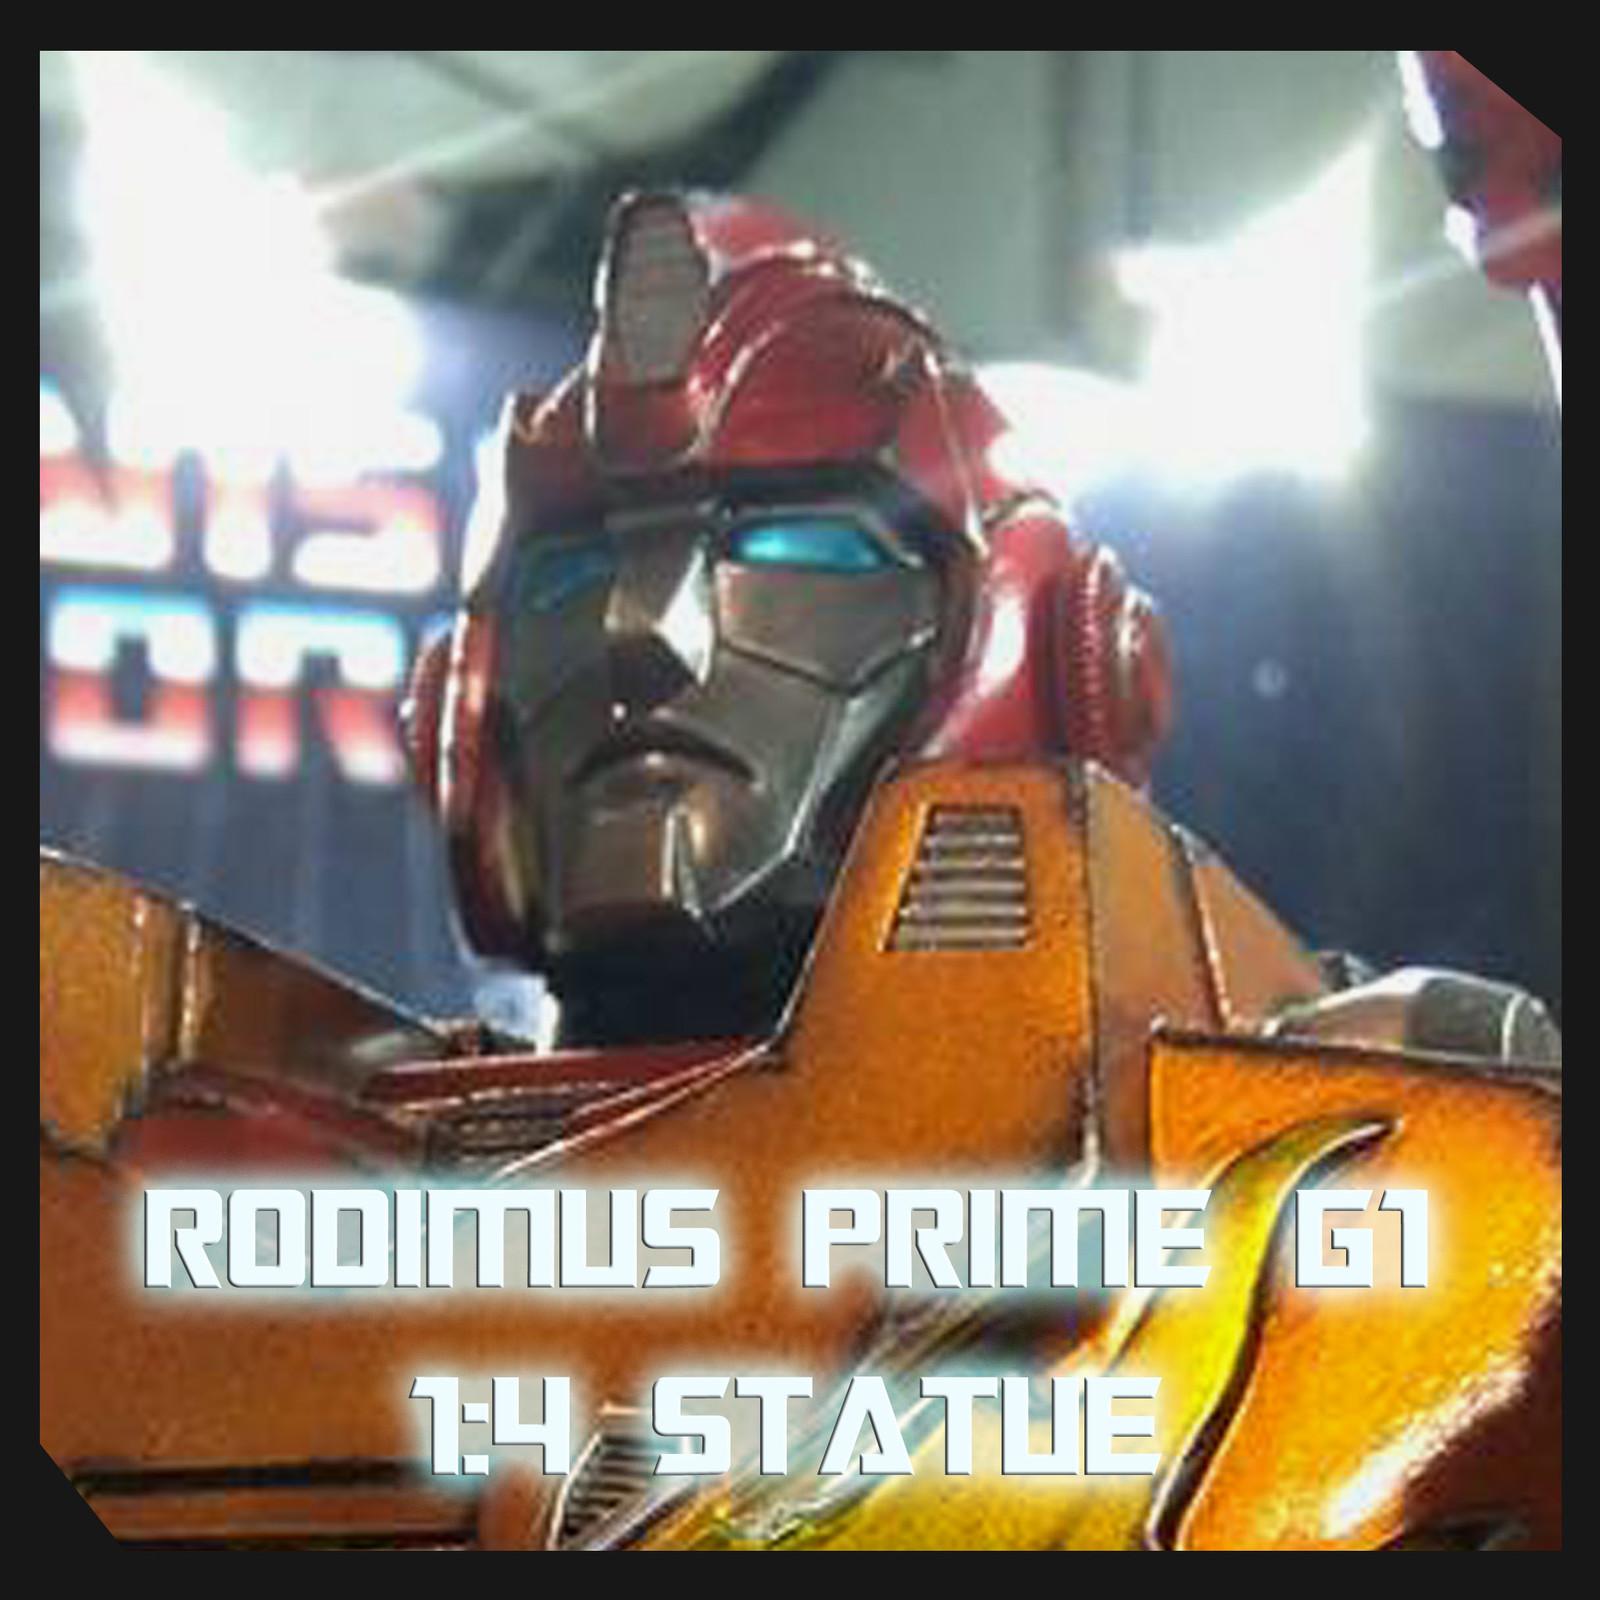 Rodimus Prime G1 1:4 Statue By Sergio Mengual